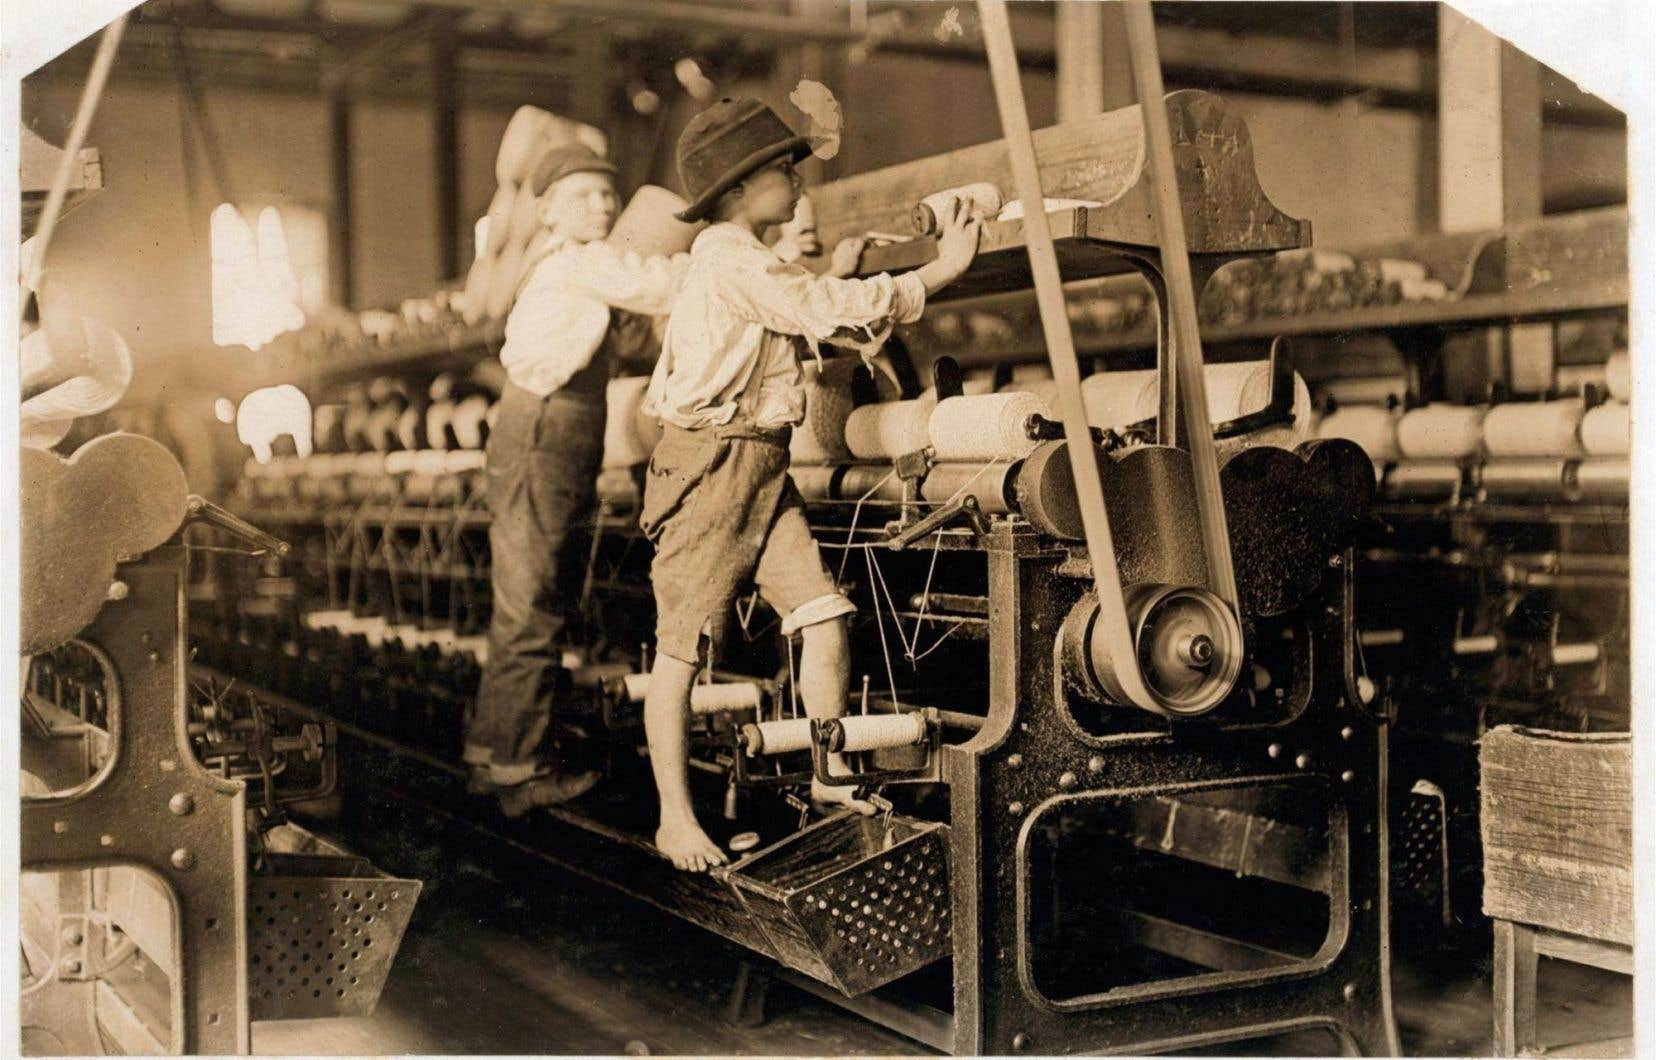 <p>Géorgie, 1909: deux enfants changent les bobines de fil d'une machine à tisser dans une usine de la petite ville de Macon sous le regard du photographe américain Lewis W. Hine.</p>